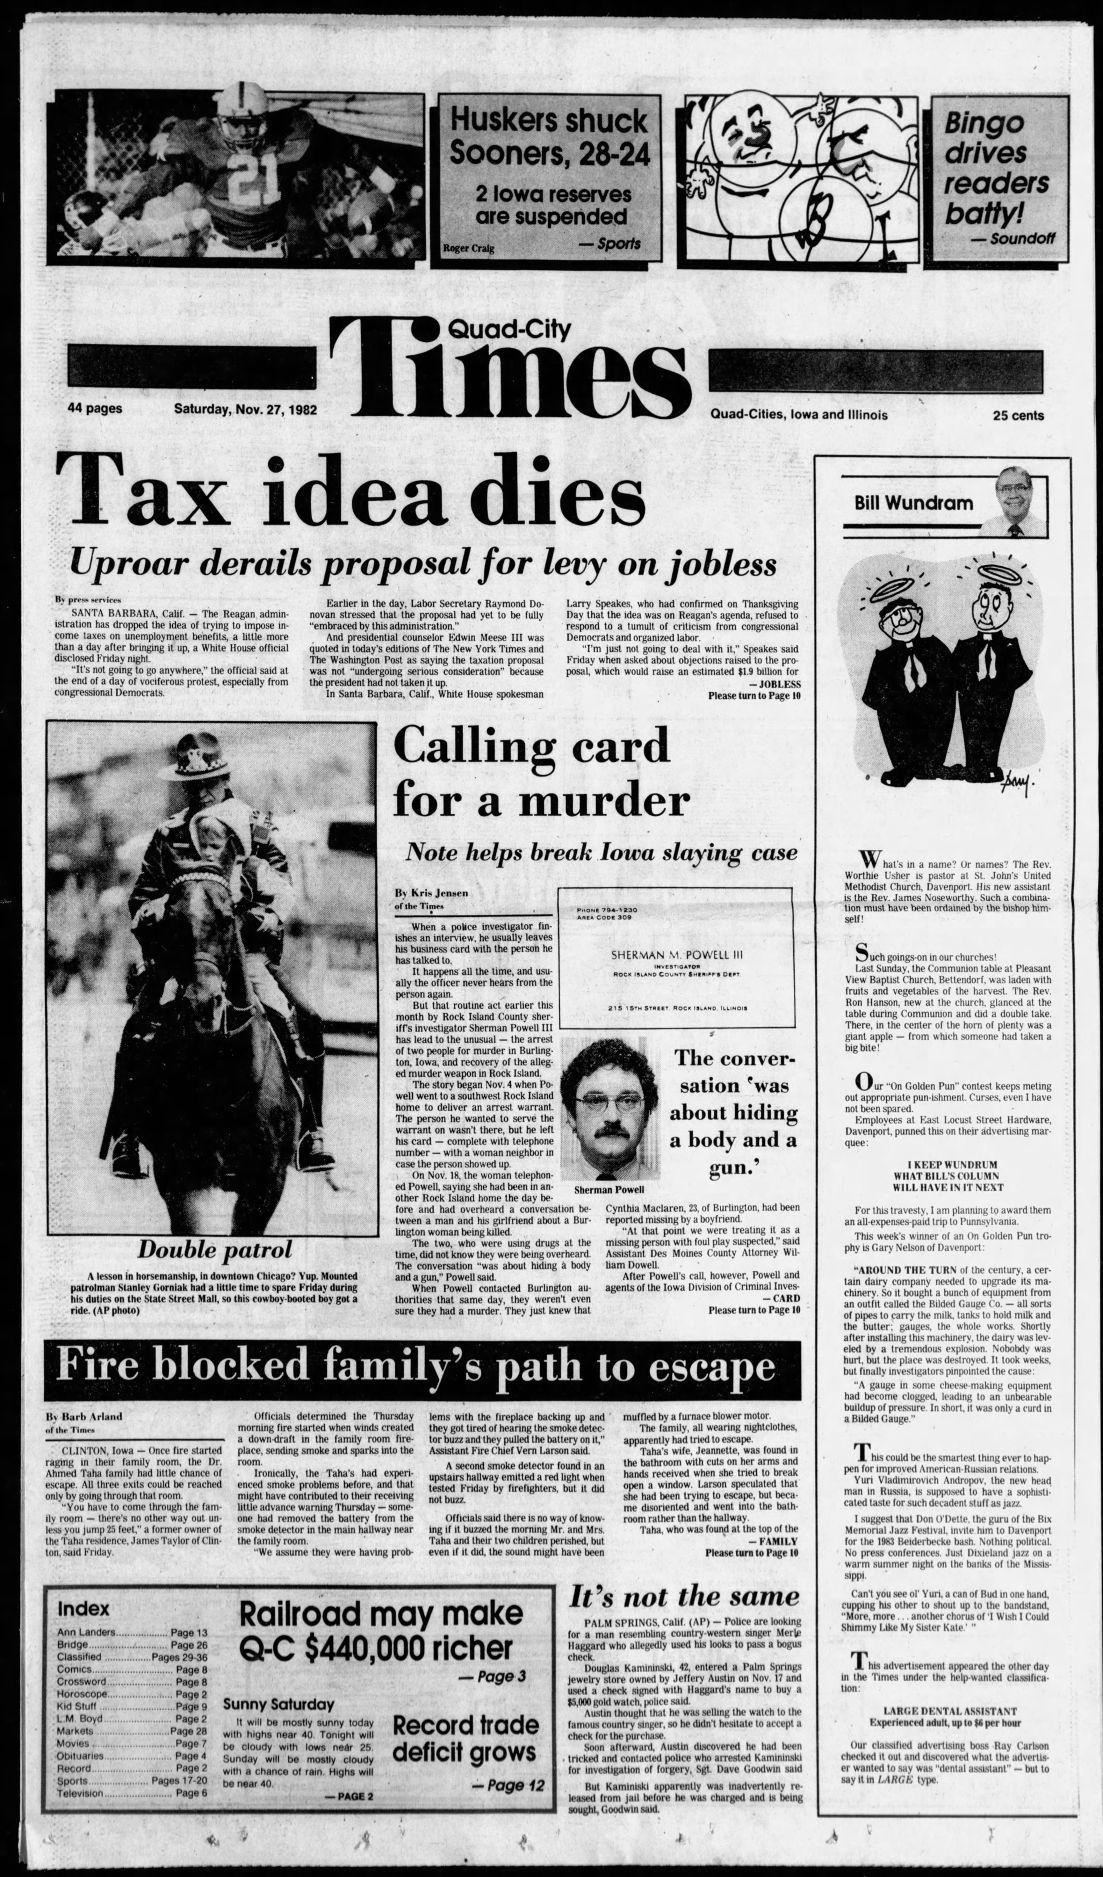 Nov. 27, 1982 page 1